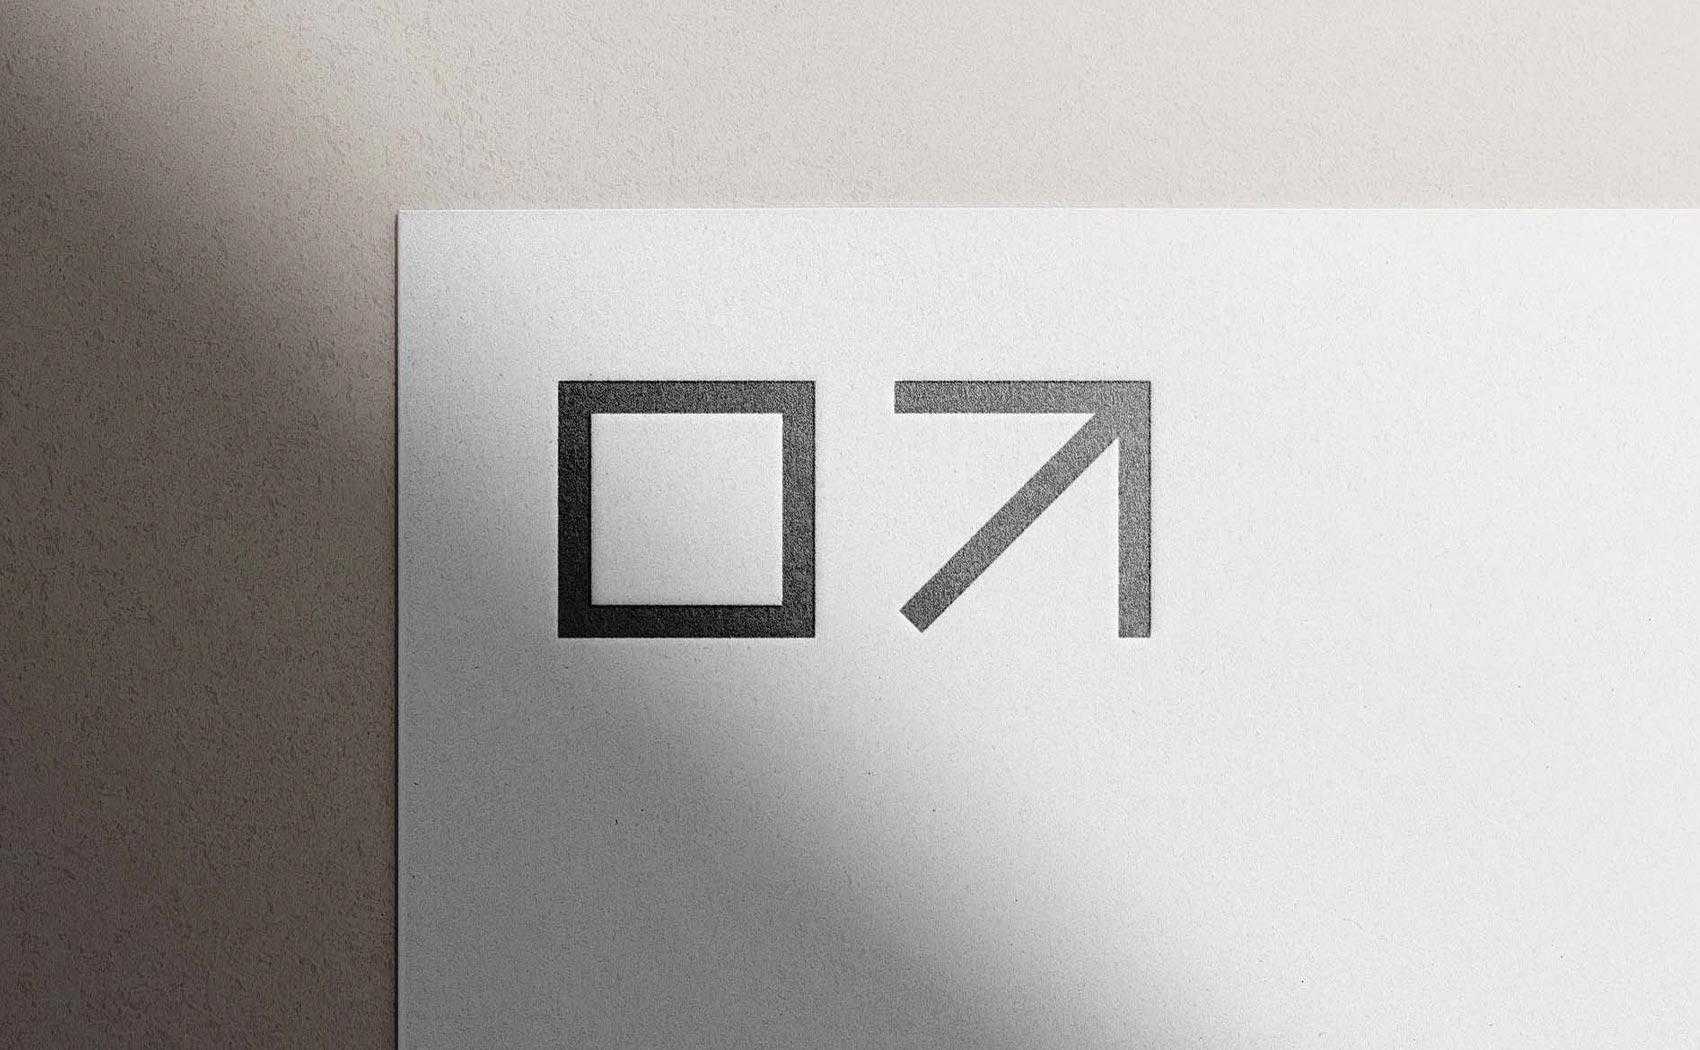 Signetentwicklung und Grafikdesign für Architekturbüro baupartner